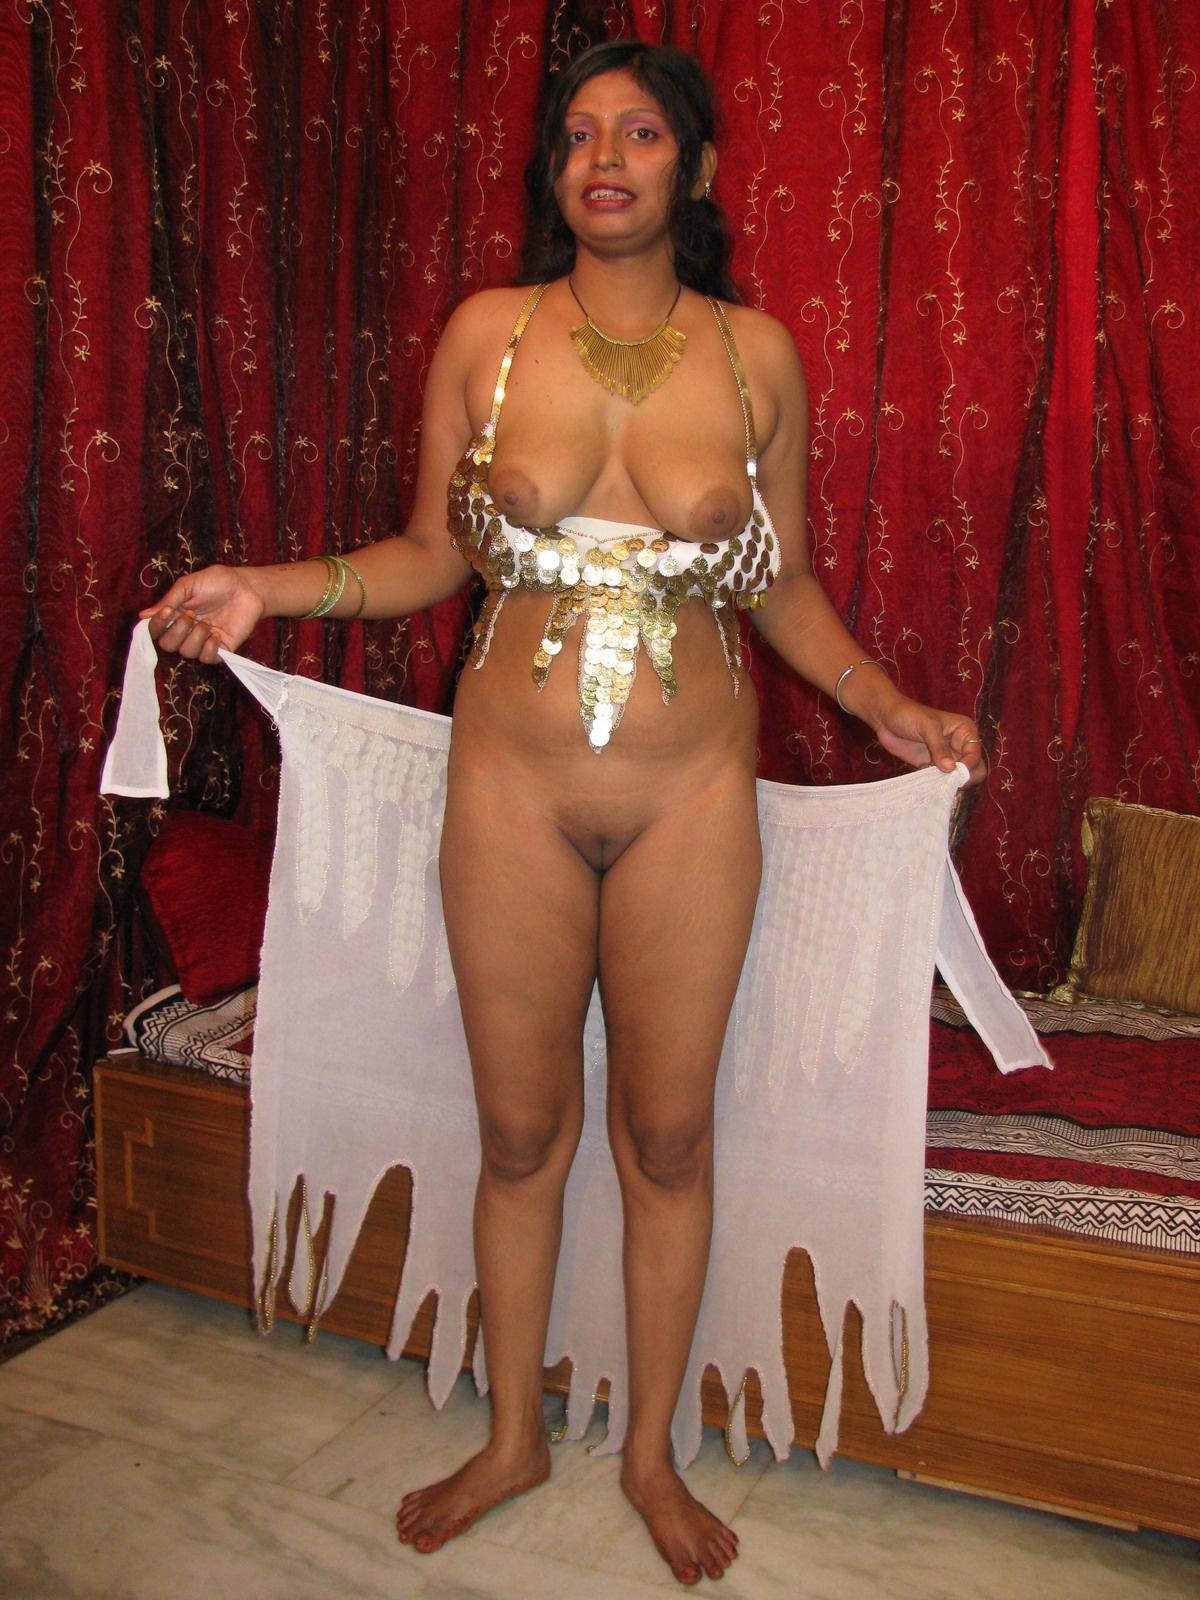 Elizabeth ashley bikini